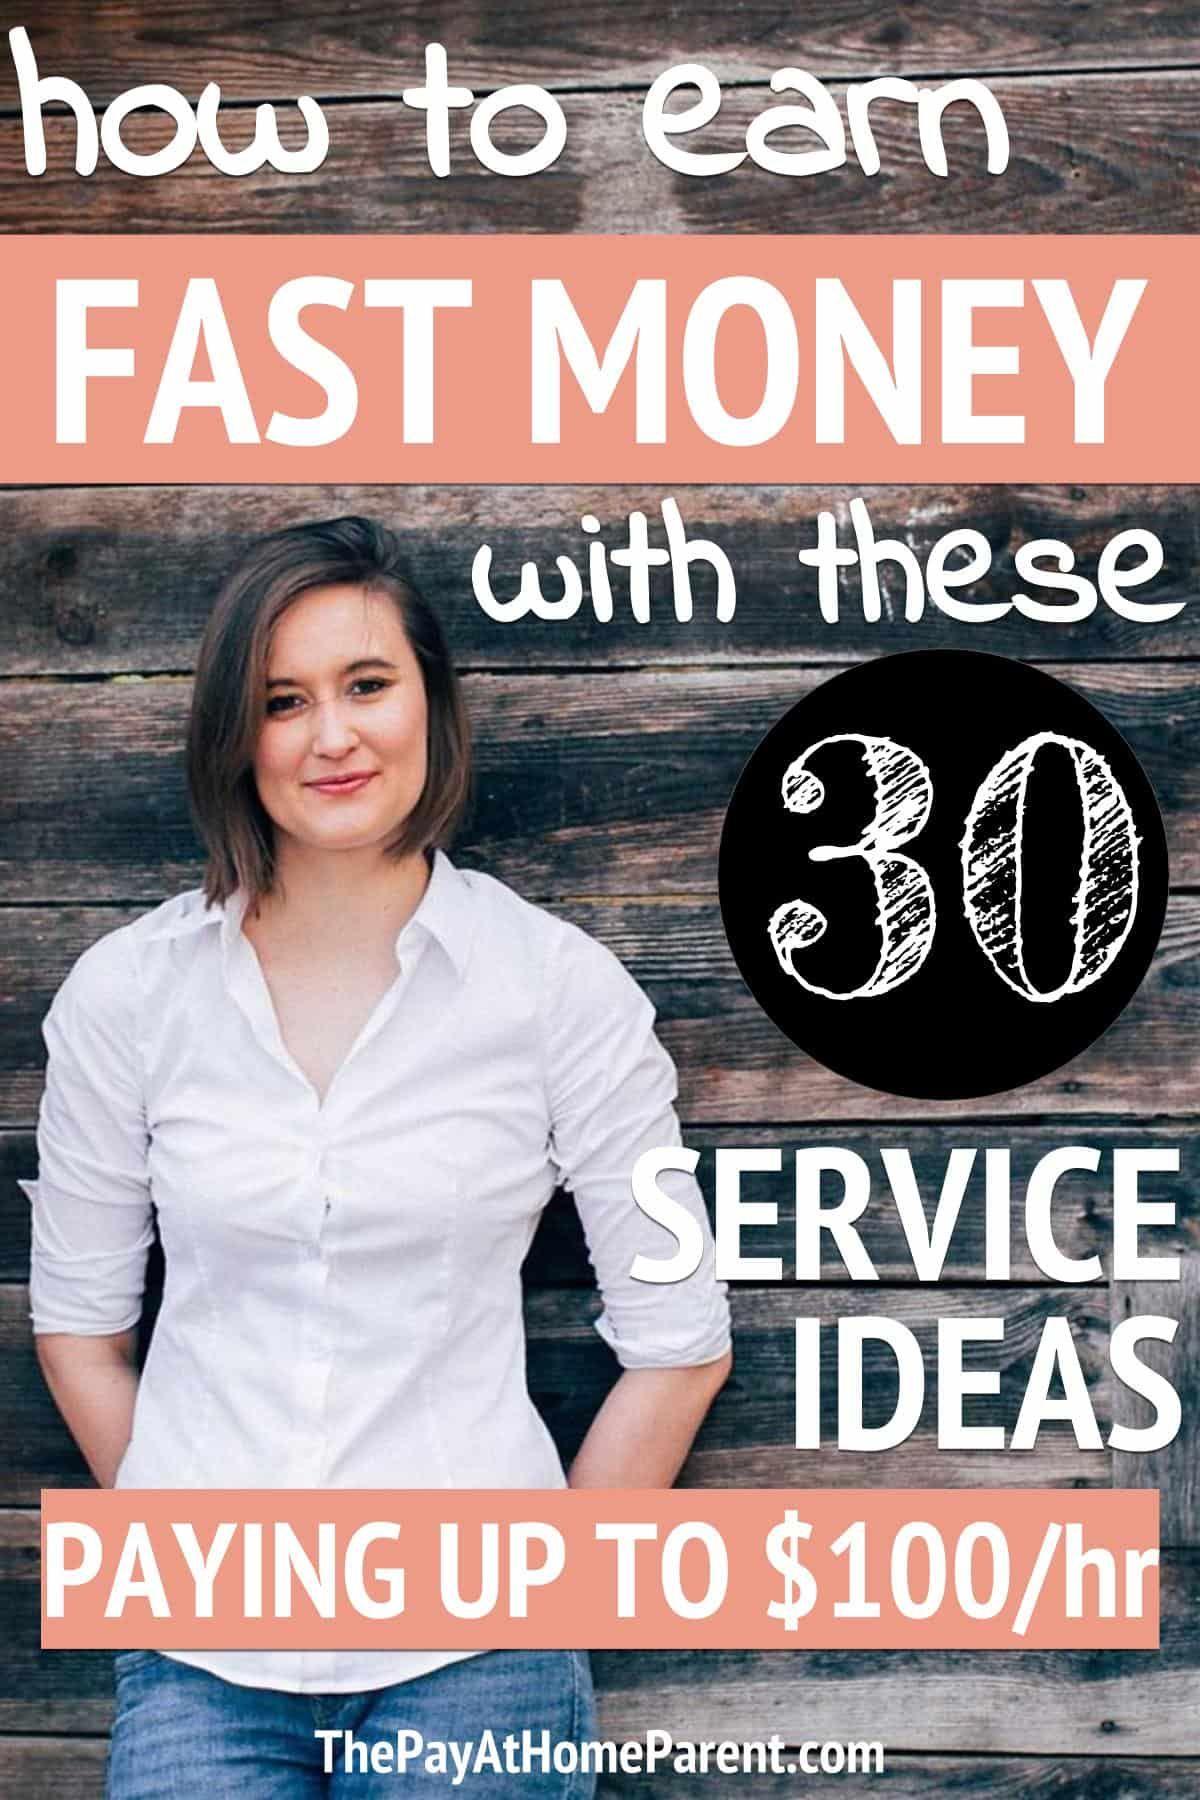 30 Most Profitable Service Business Ideas List [That Don't